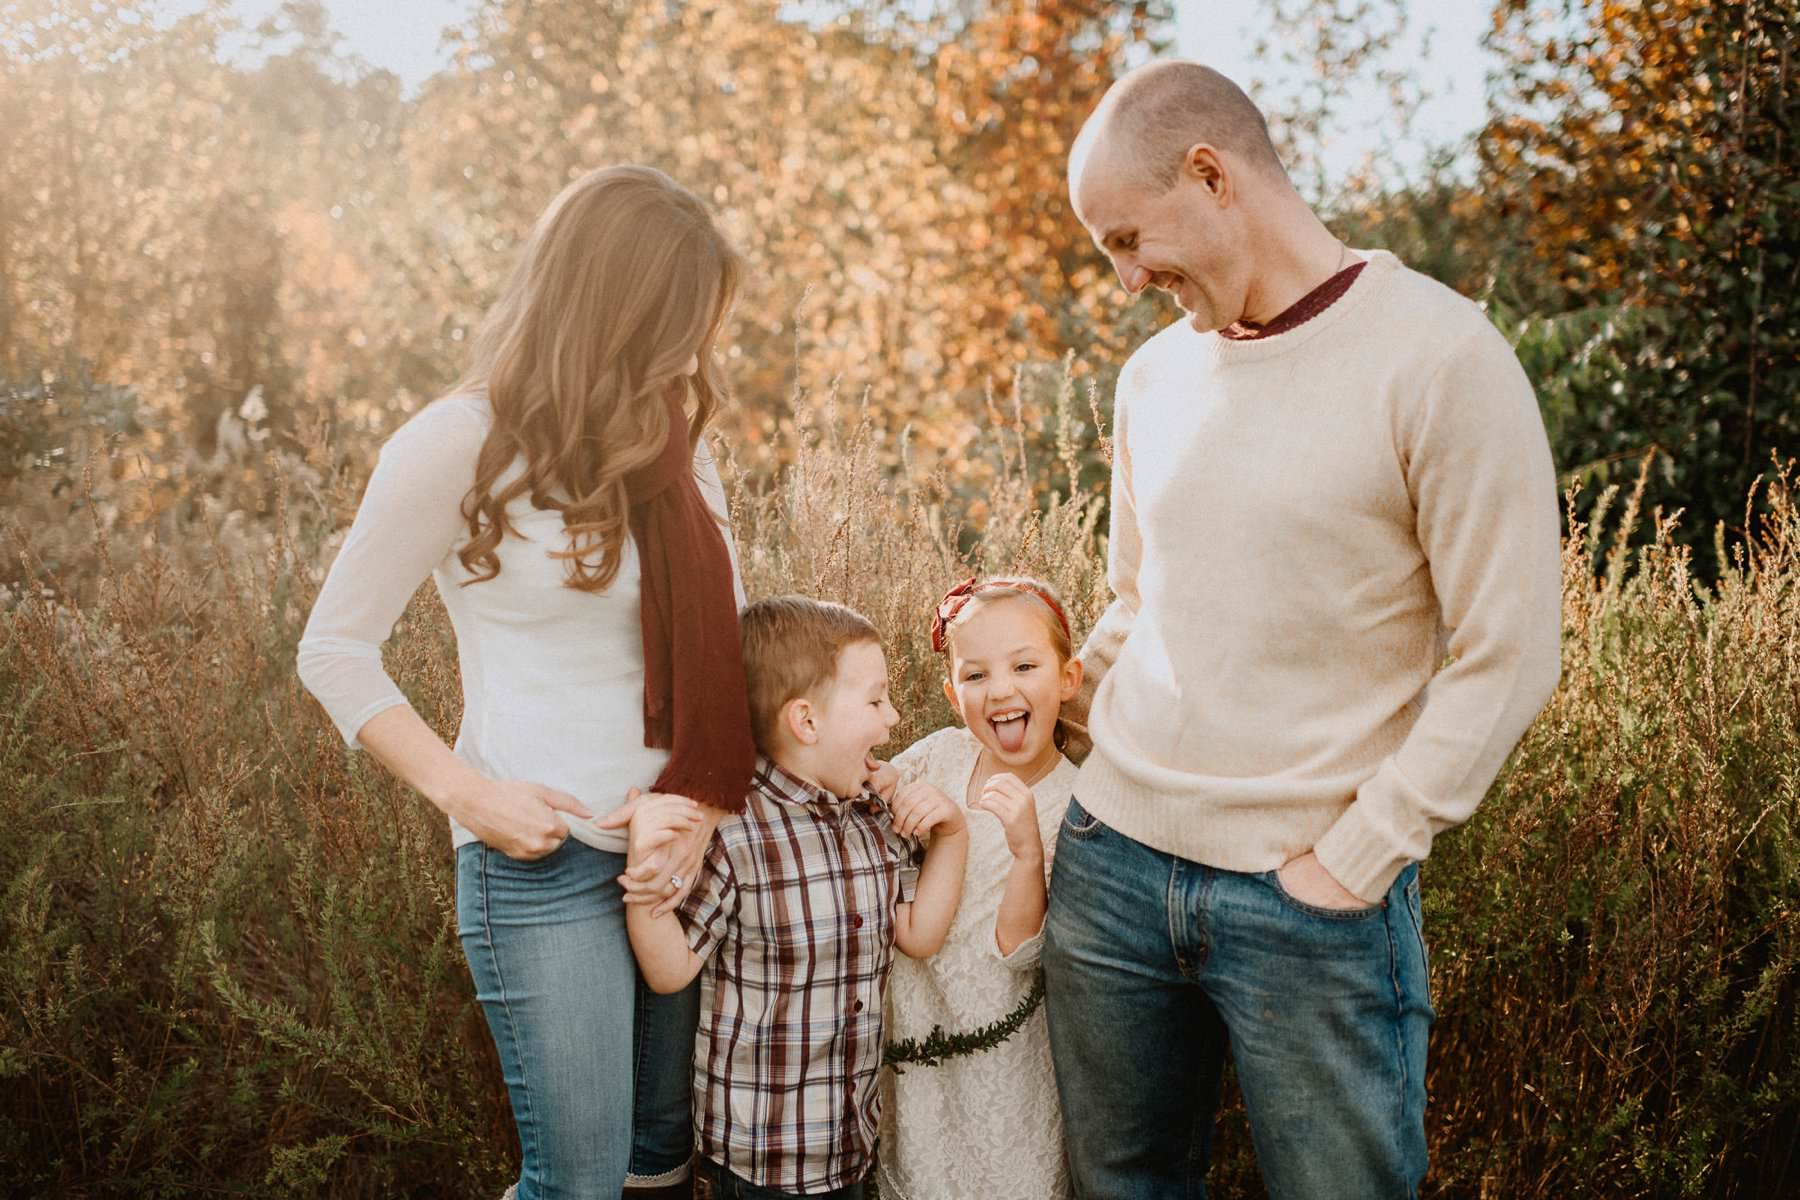 Delaware-family-photographer-7.jpg